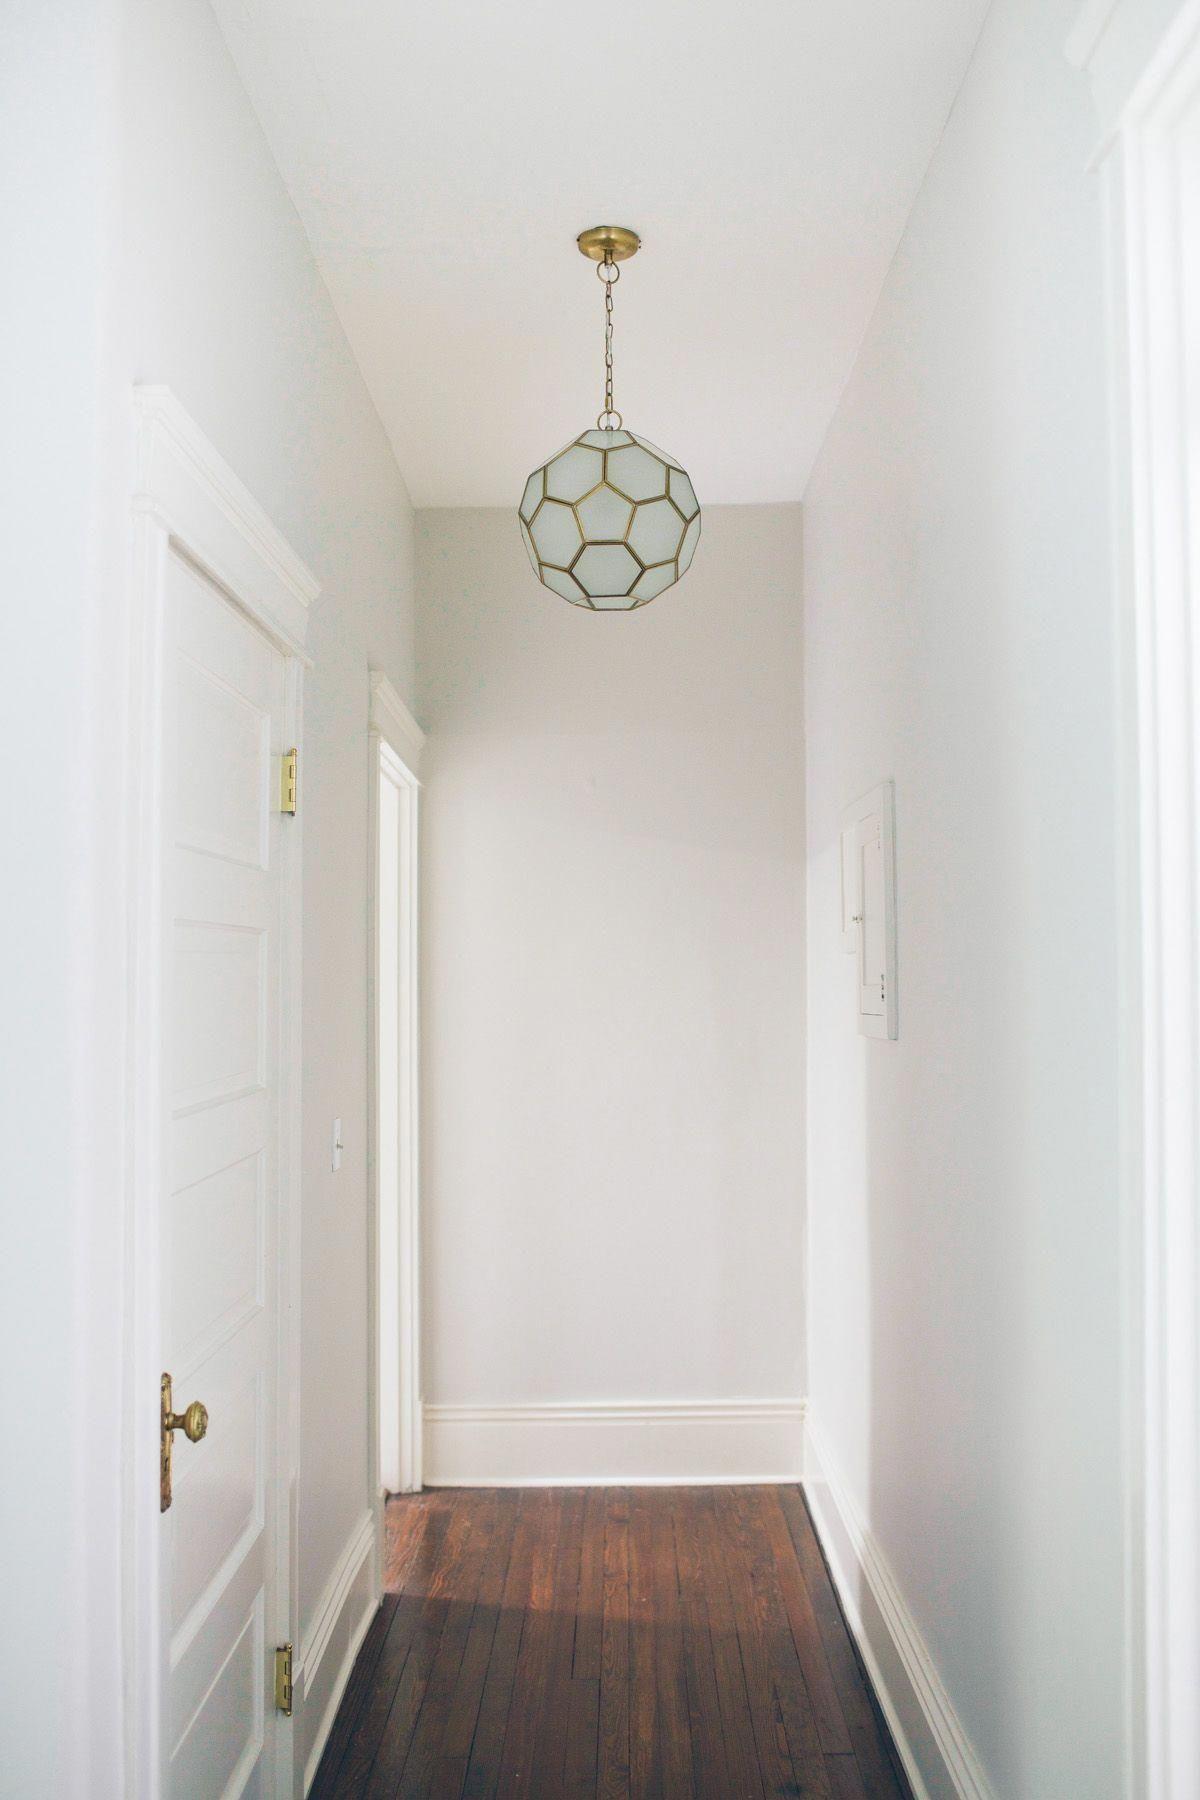 Il Significato Dei Sogni 6 Case Enormicase Updating House Home Decor